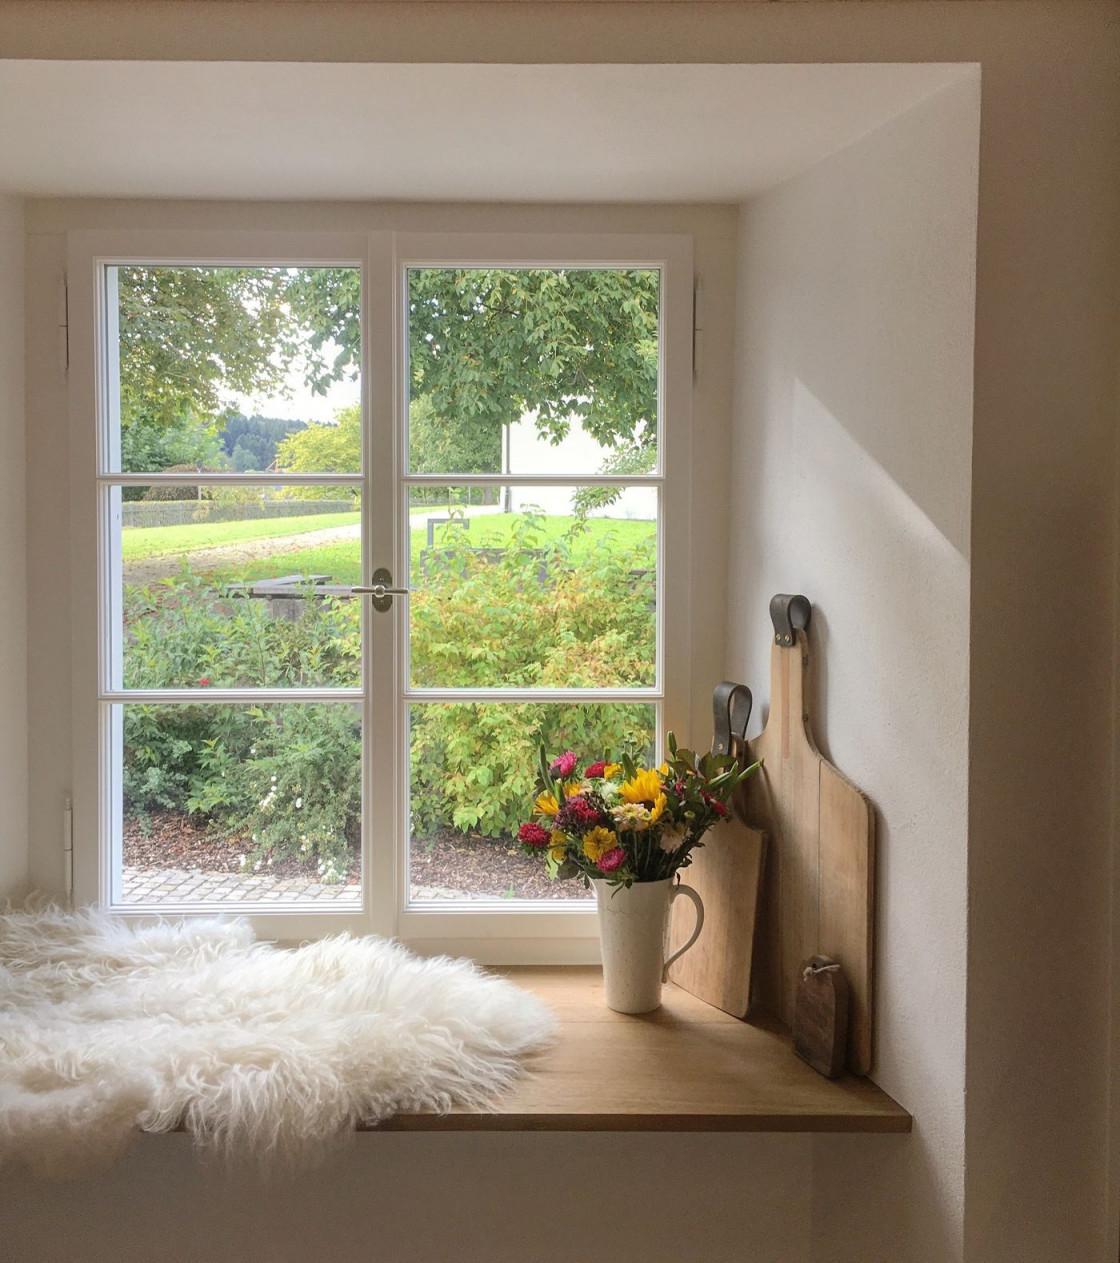 Die Schönsten Ideen Für Die Fensterbank  Fensterbrett Deko von Fensterbank Gestalten Wohnzimmer Bild